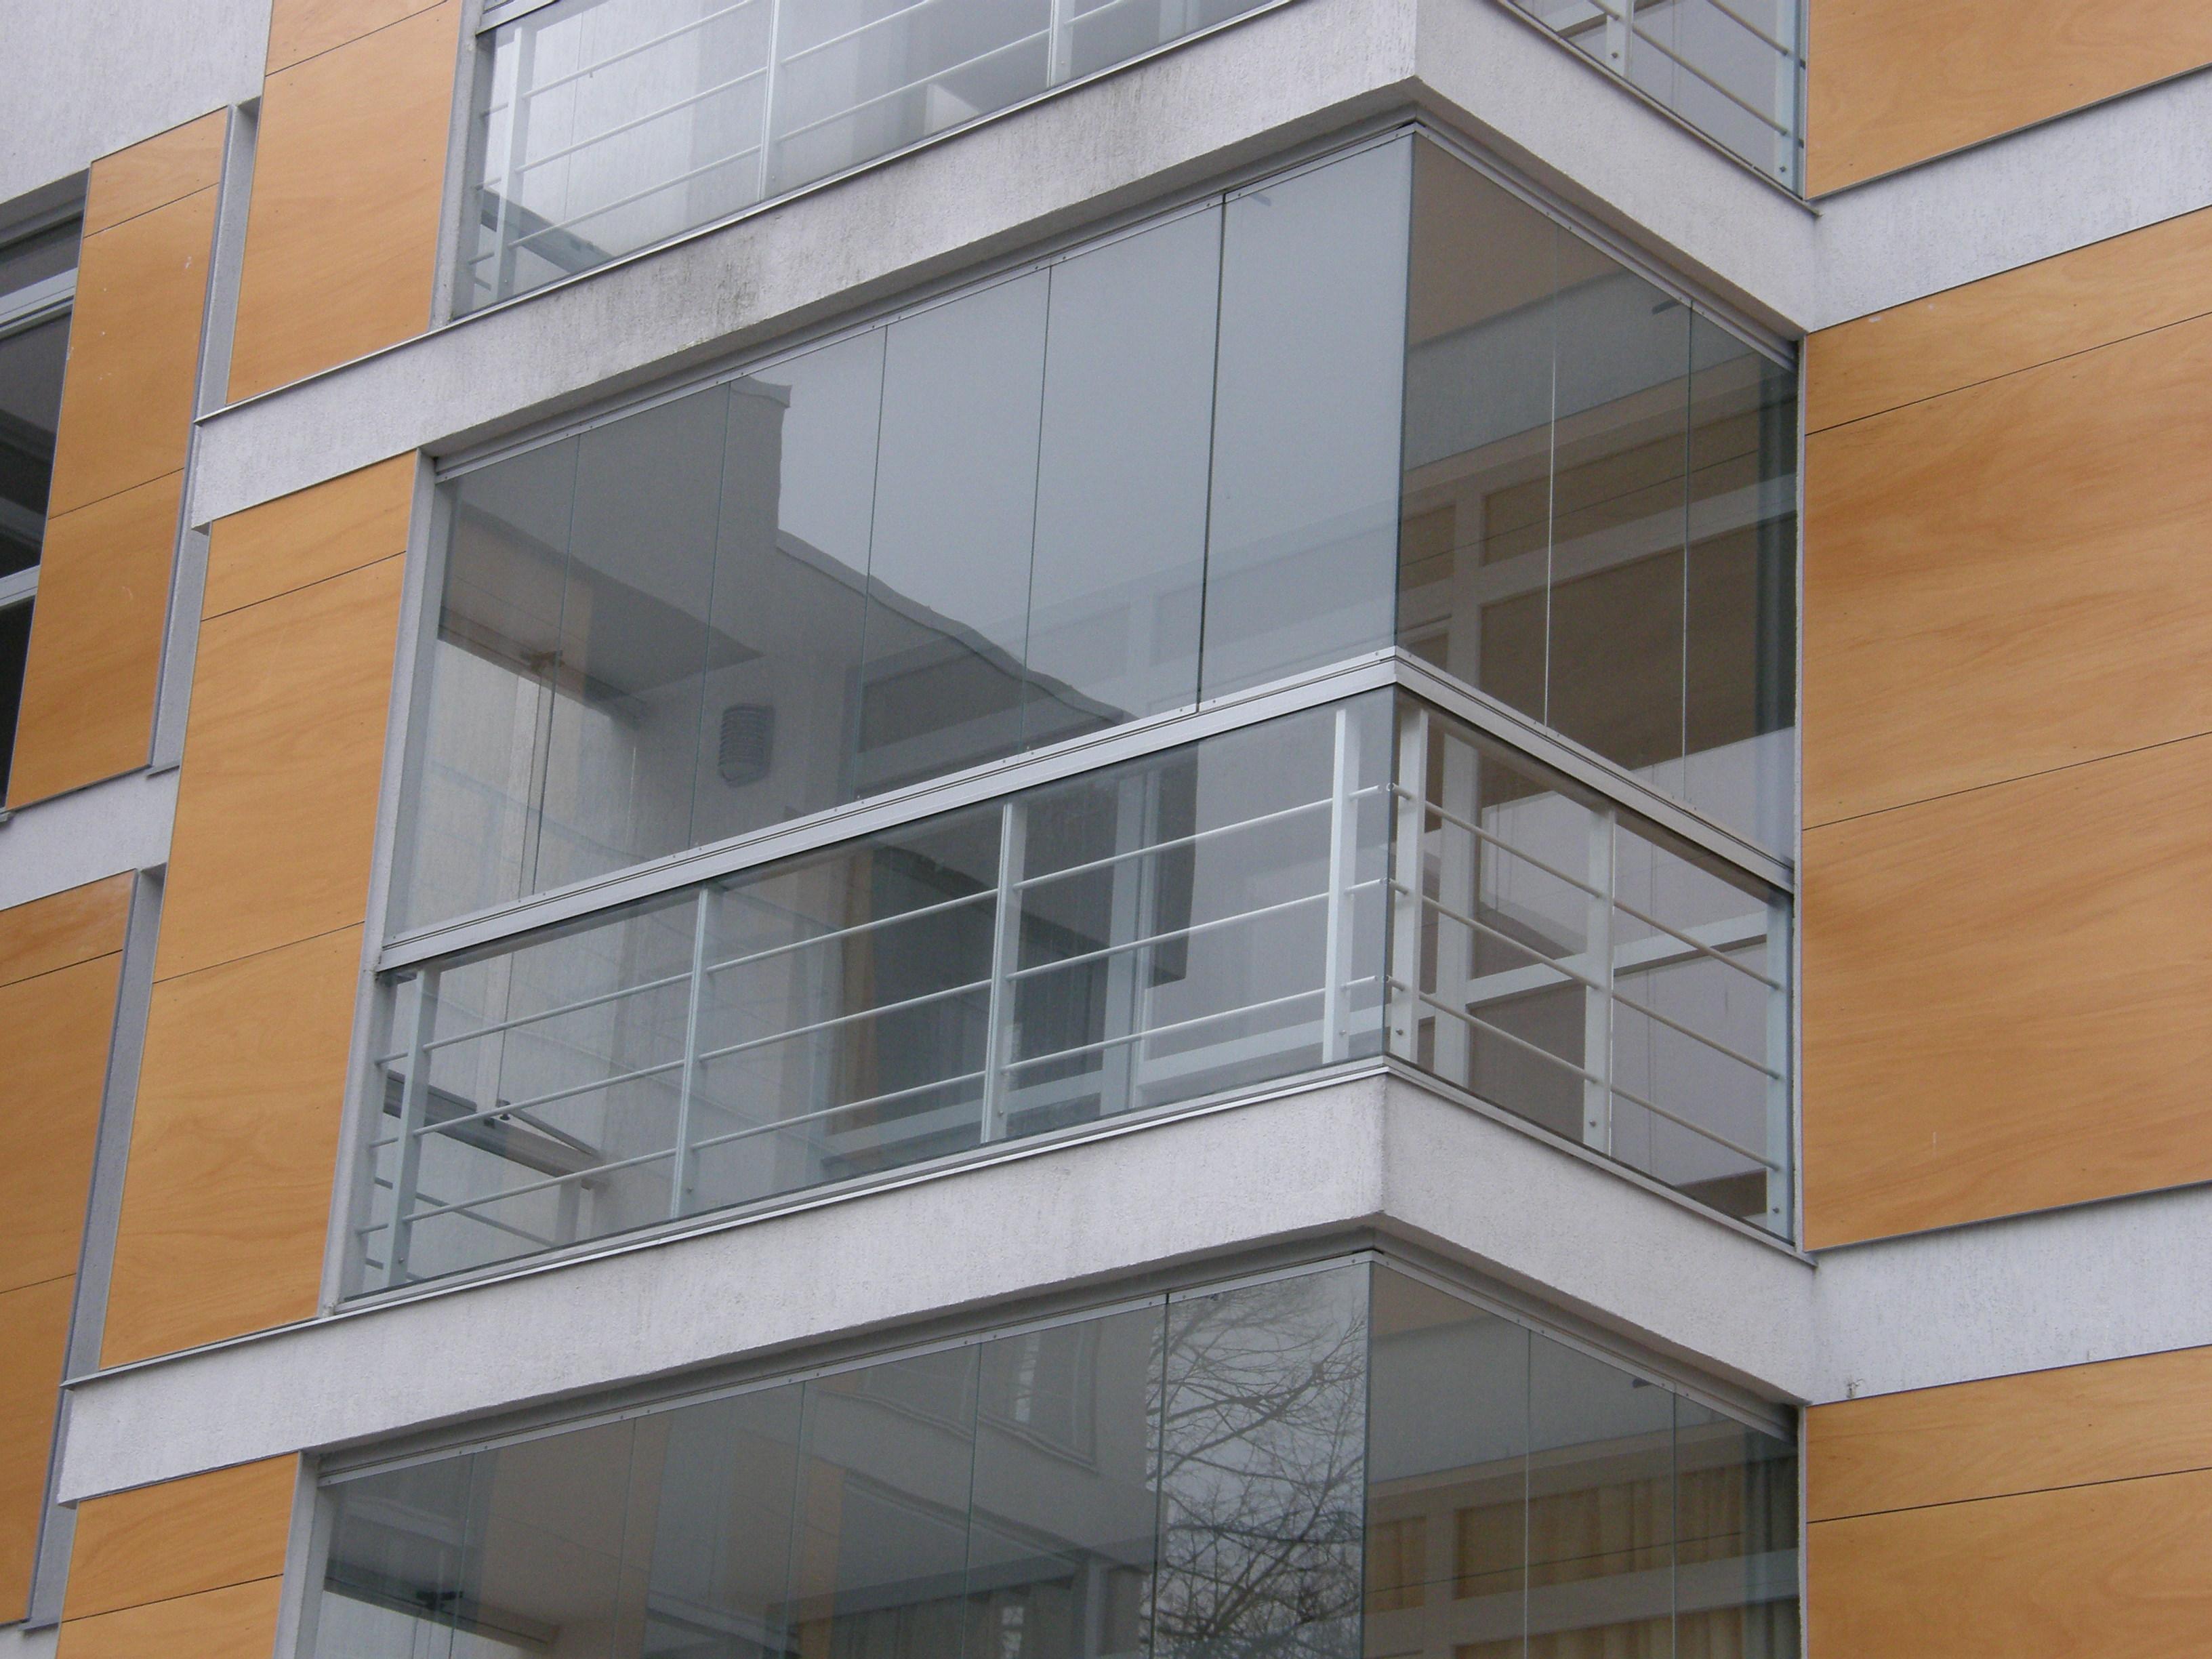 Безрамное остекление балконов лоджий и террас cover фотограф.